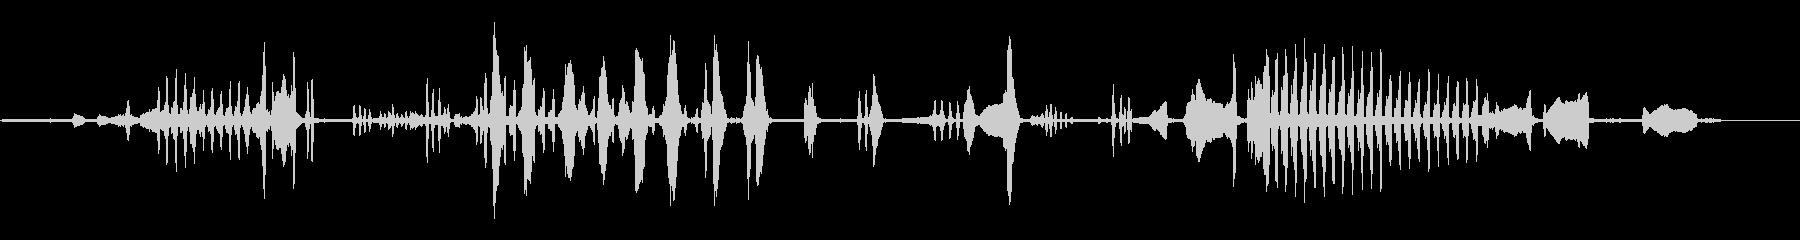 ヘリングガル、バード; DIGIF...の未再生の波形